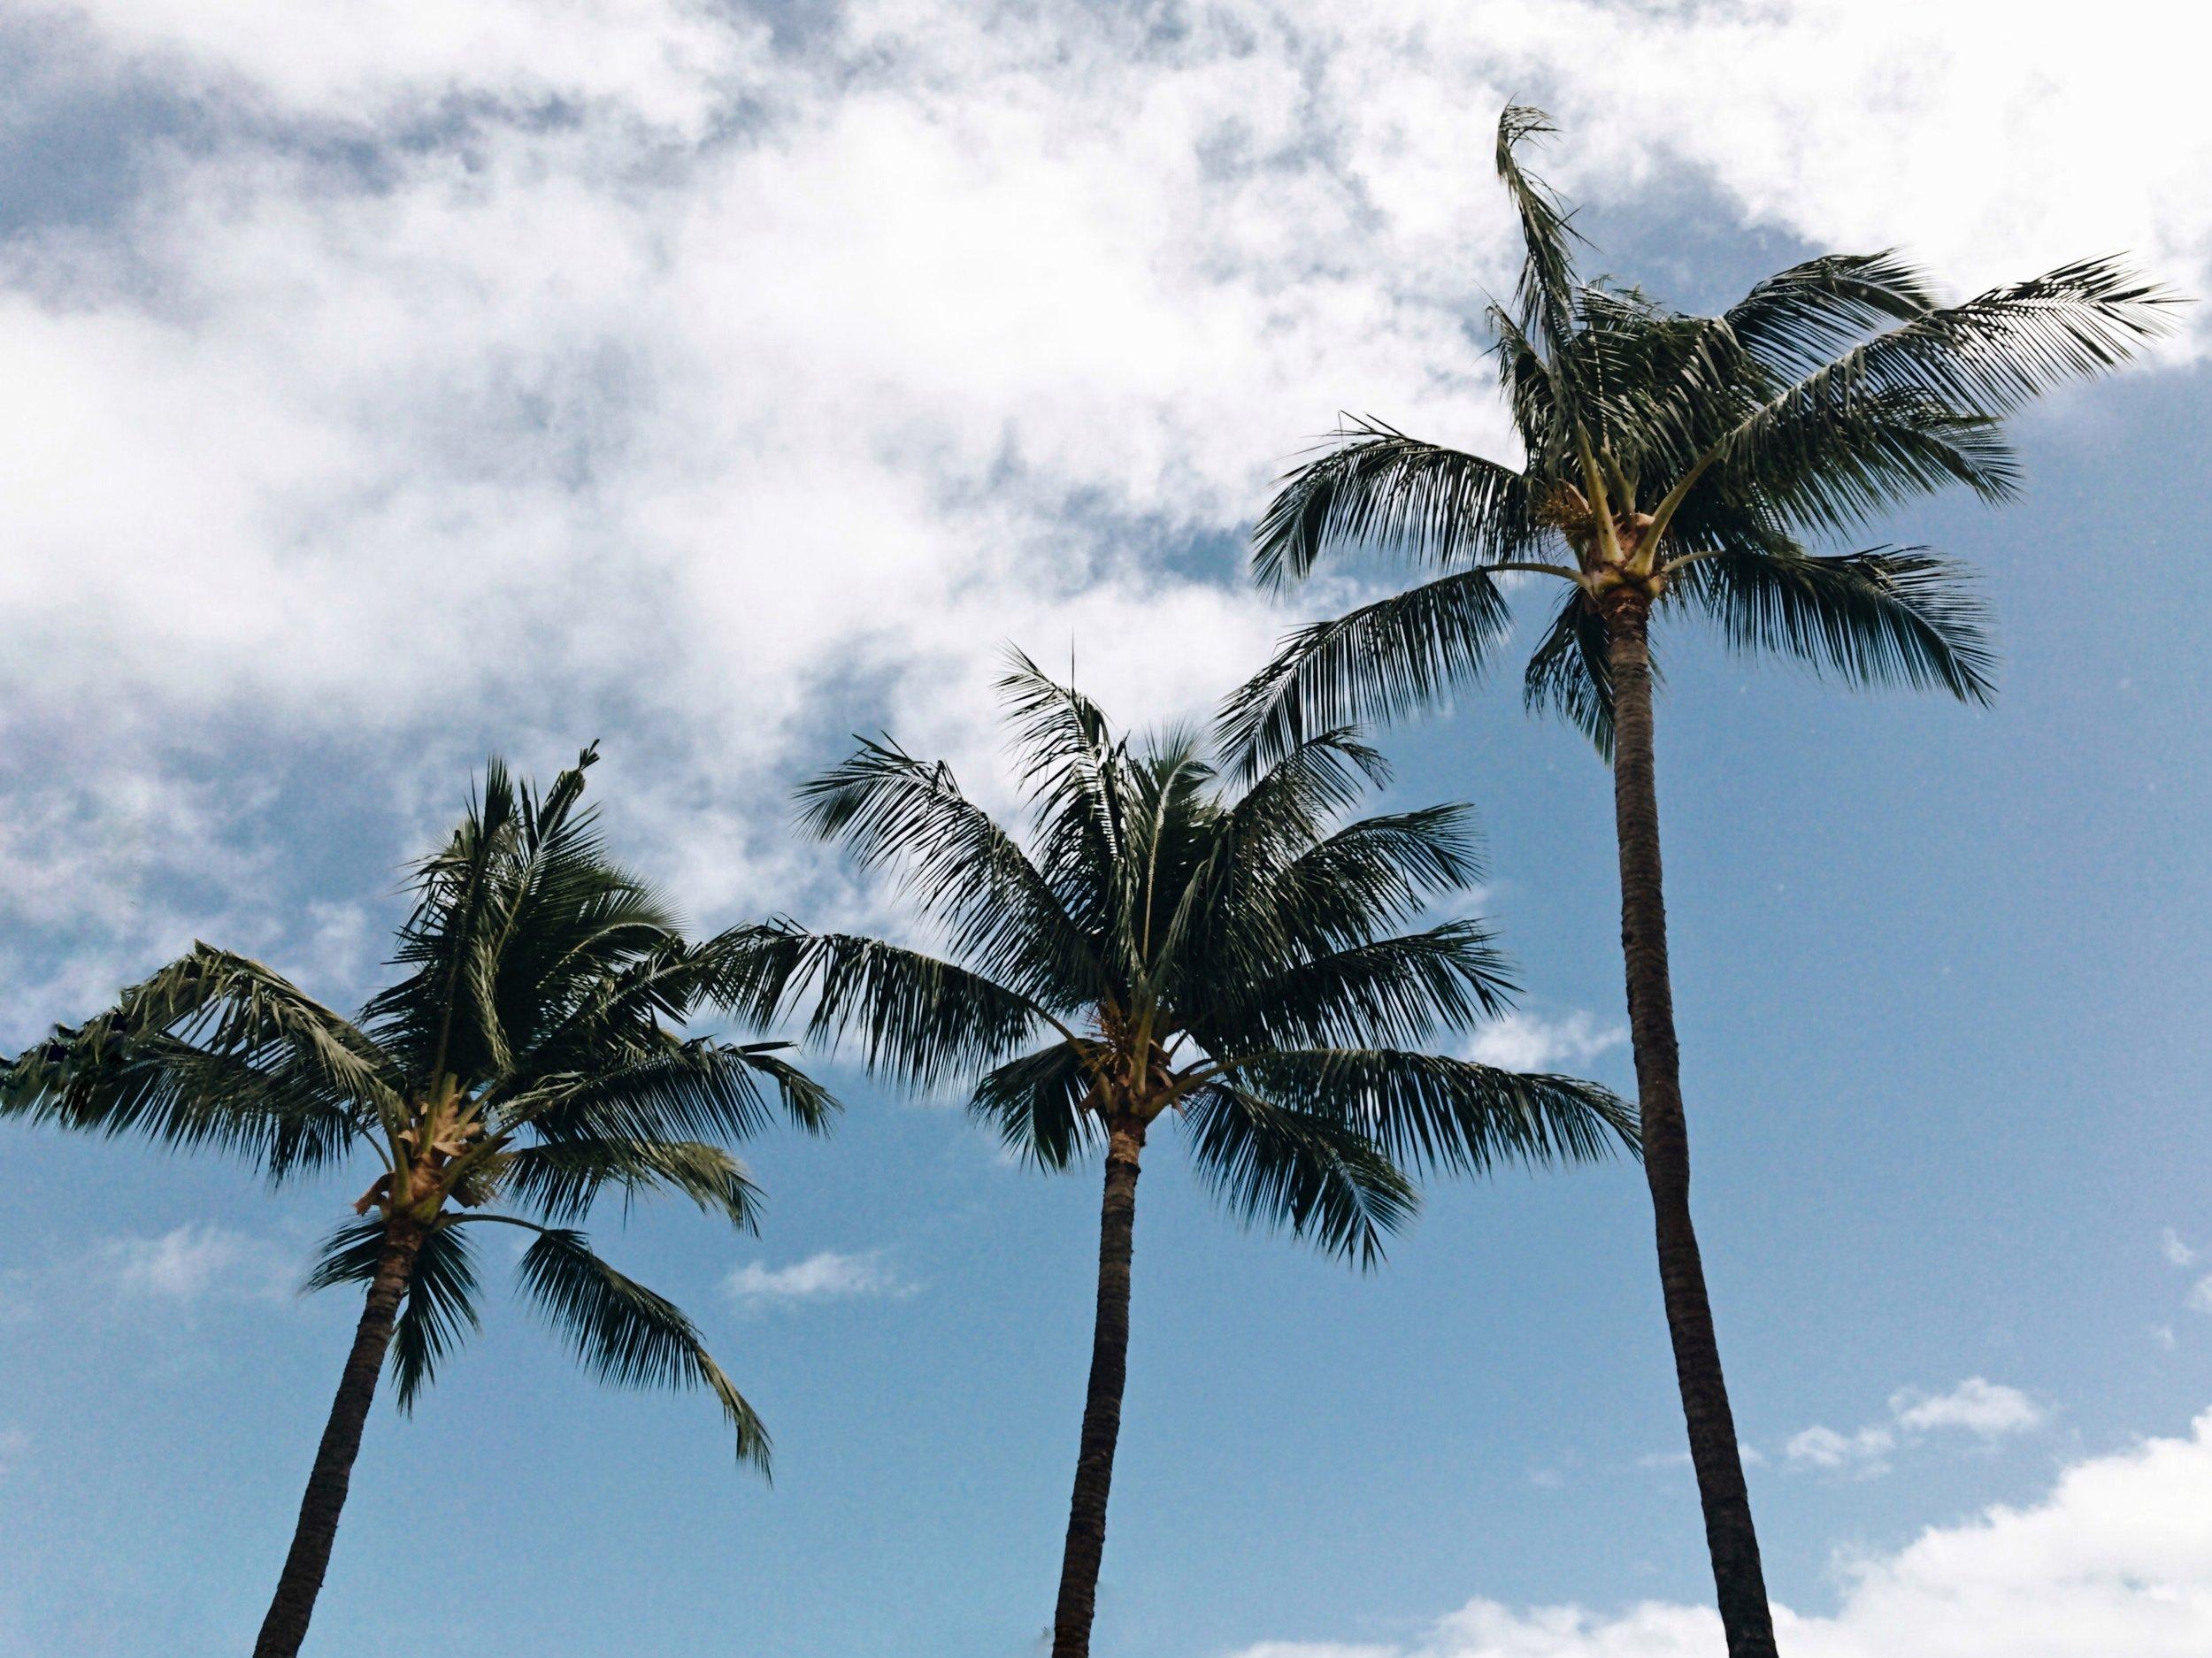 Hawaii-Lahaina-palm-trees-by-Atlanta-photographer-Chanel-French-10